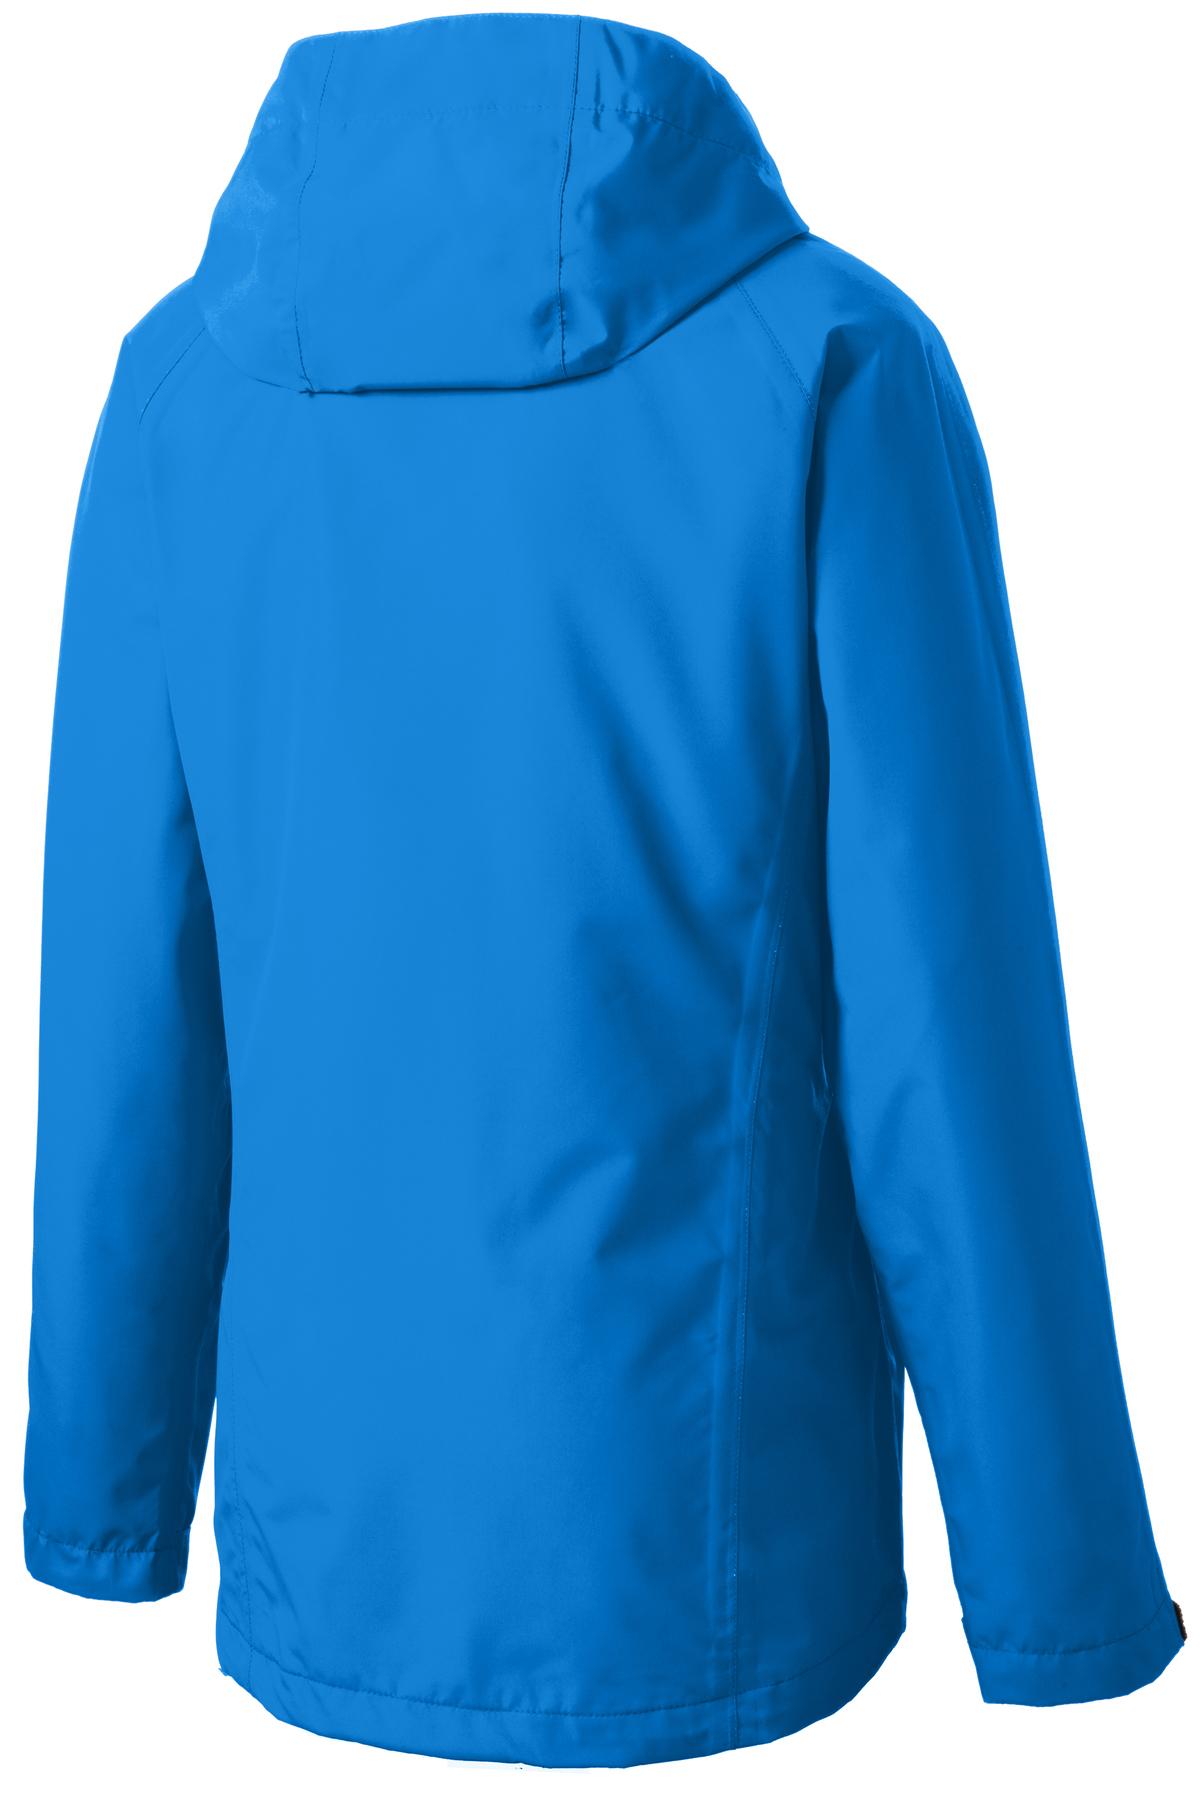 Port Authority 174 Ladies Torrent Waterproof Jacket